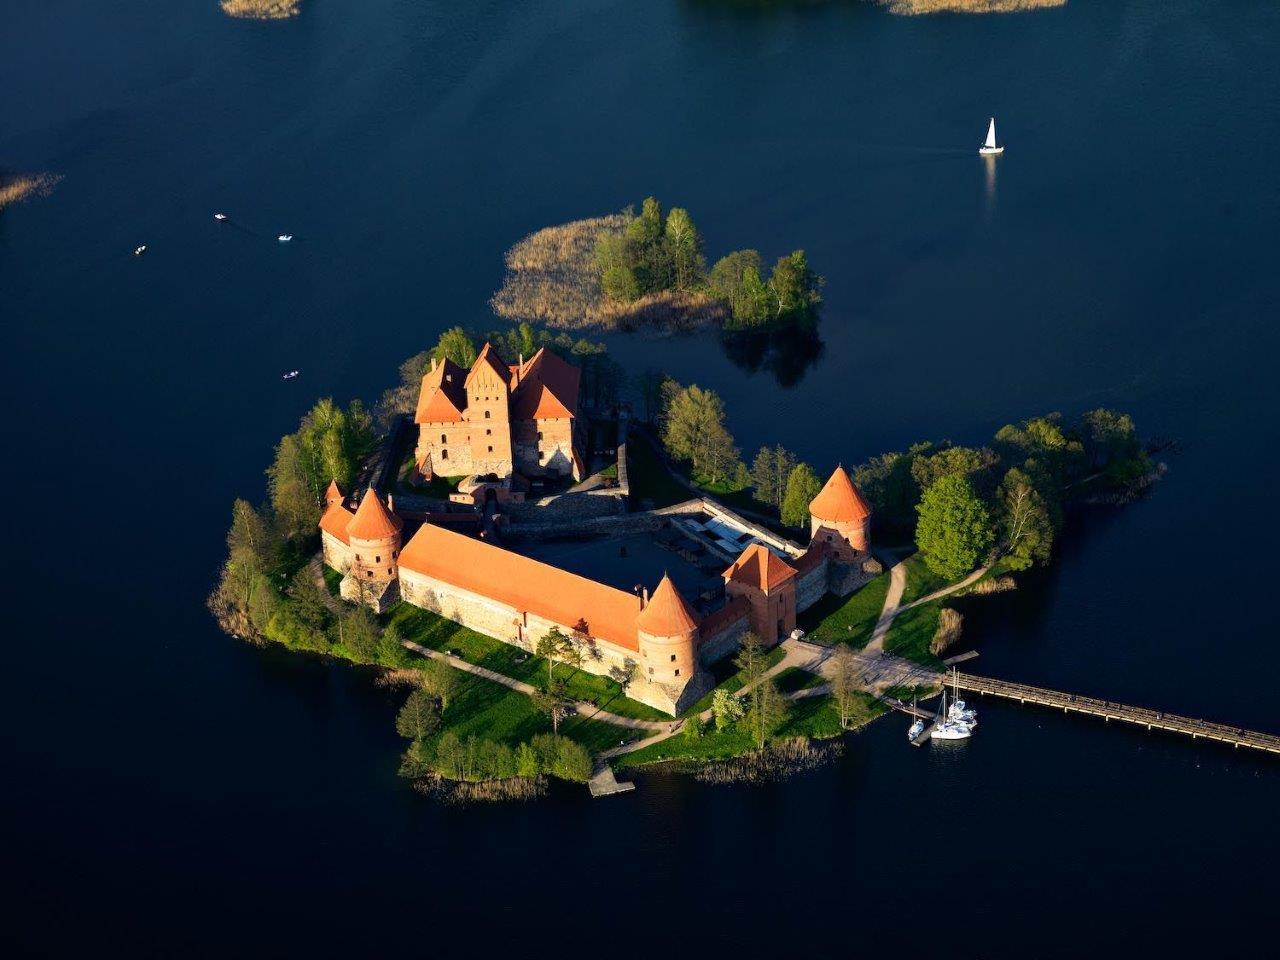 Litvanya Yurtdışı Kargo Gönderimi - Evrak | Koli | Numune